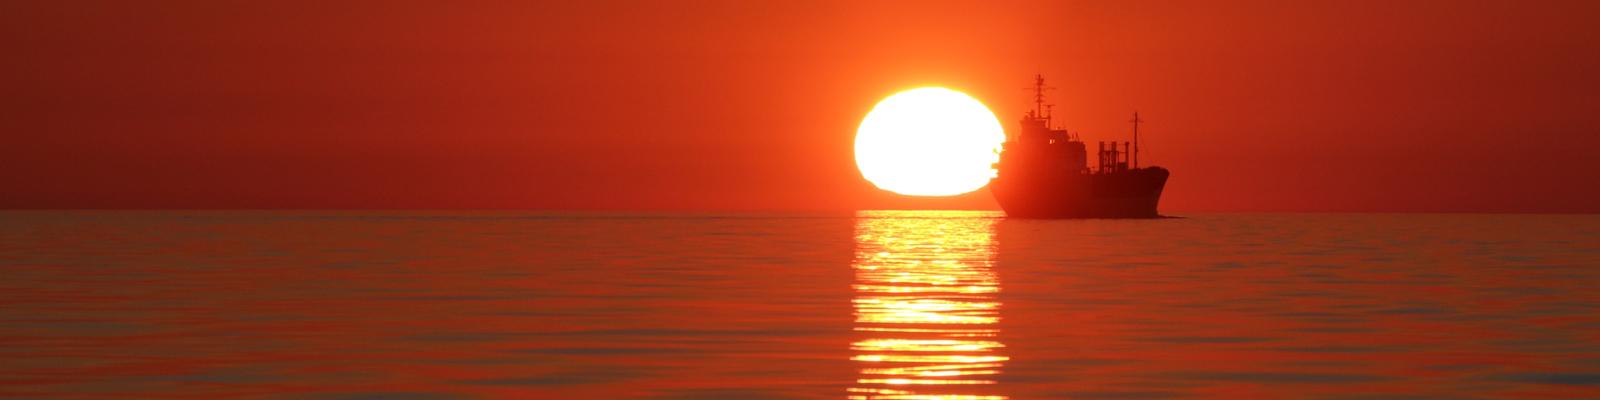 Schiff fährt in den Sonnenuntergang